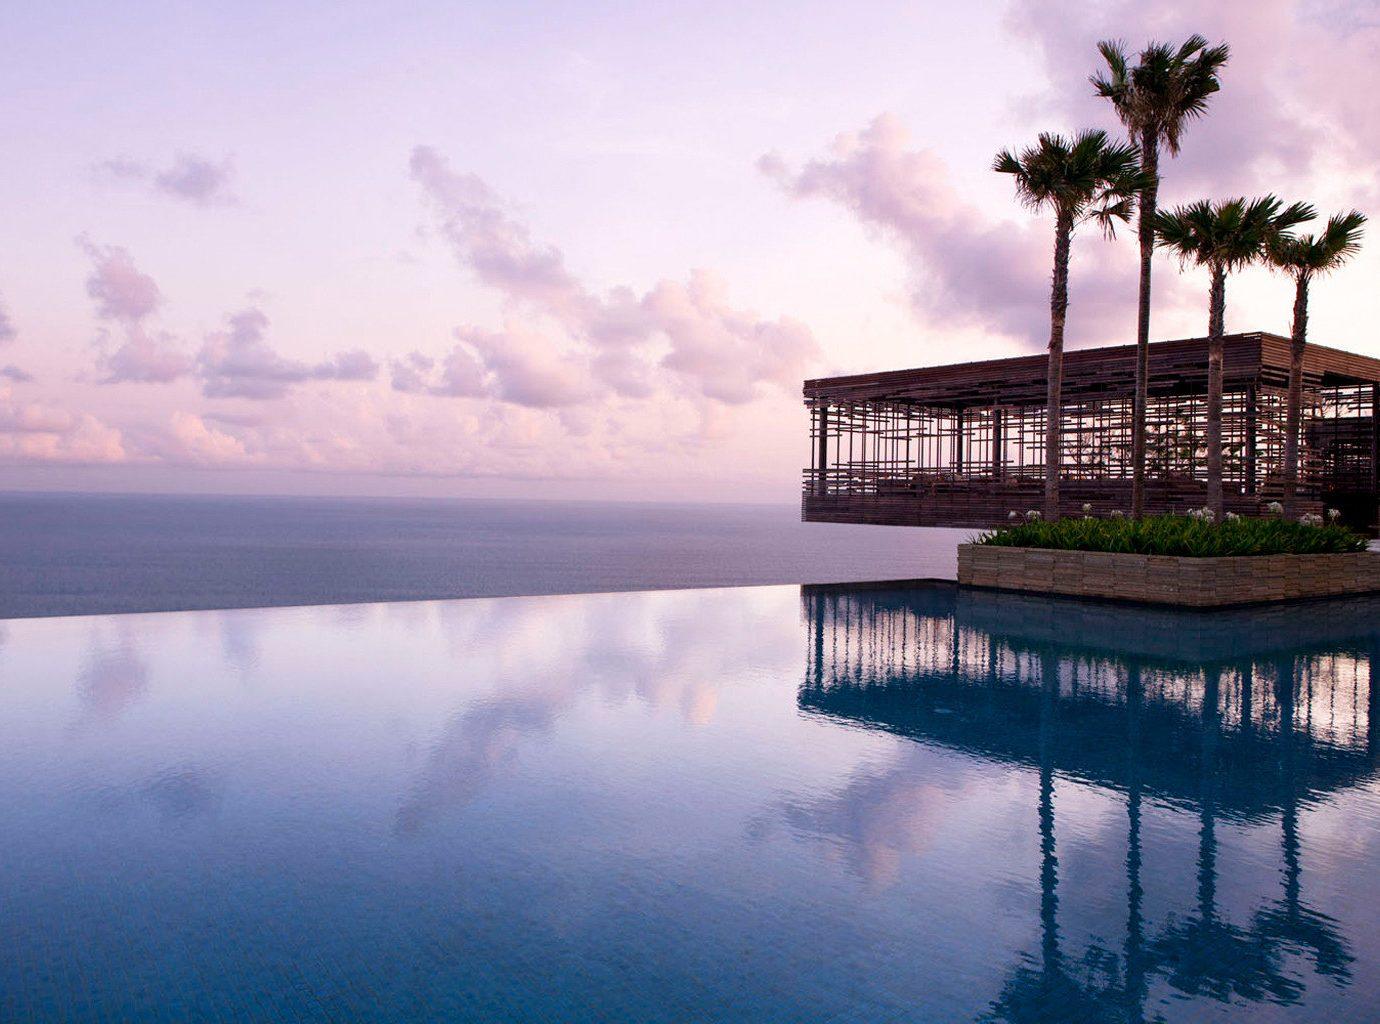 Infinity Pool At The Alila Villas Uluwatu In Bali